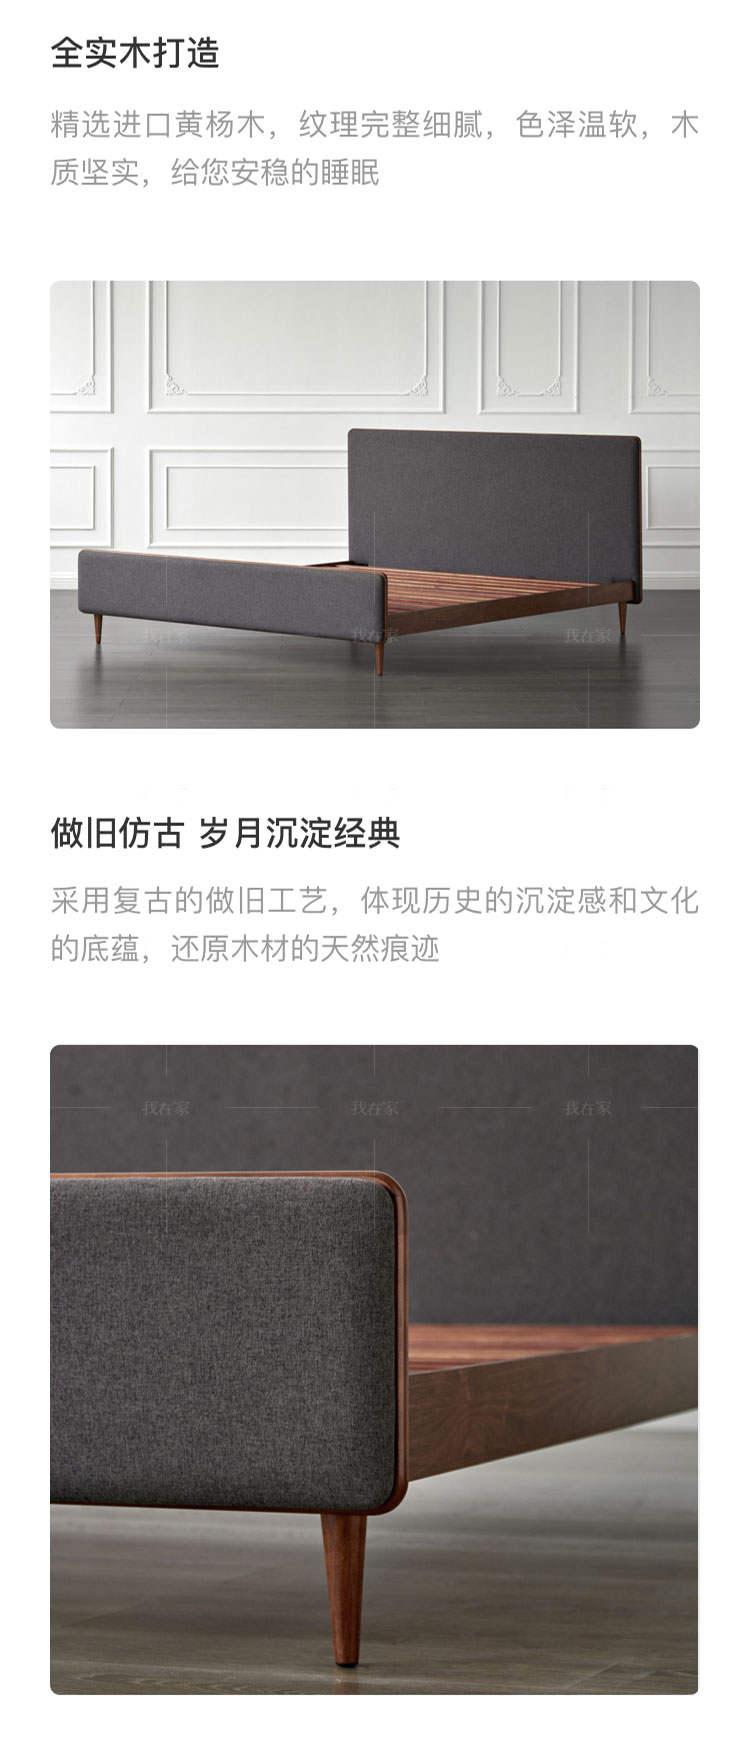 中古风风格彼得曼双人床(样品特惠)的家具详细介绍